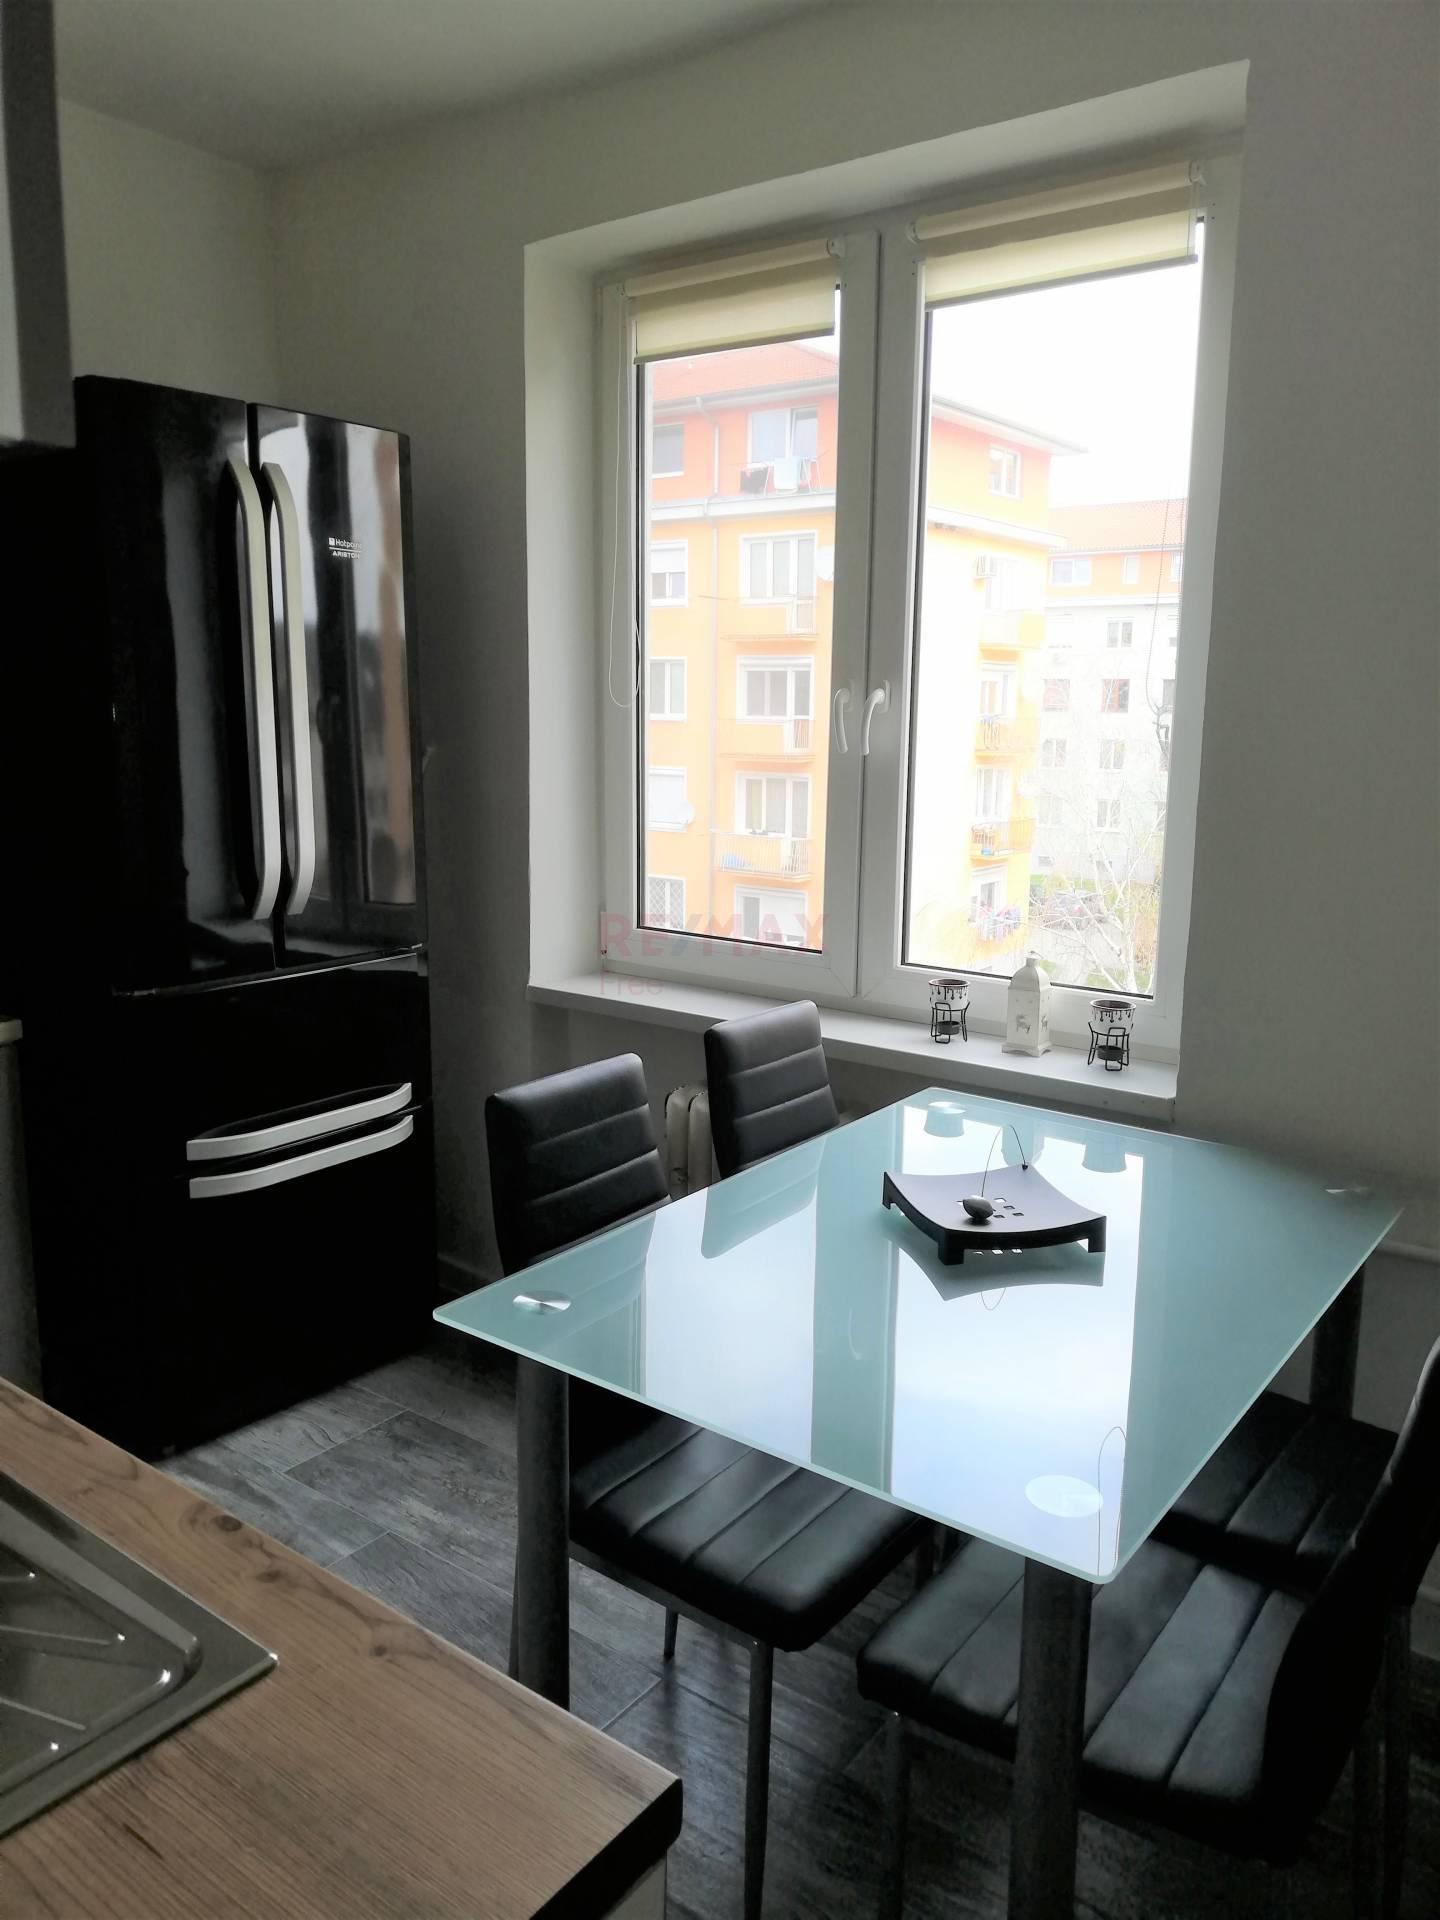 Predaj bytu (3 izbový) 60 m2, Dunajská Streda - 3 izbový byt